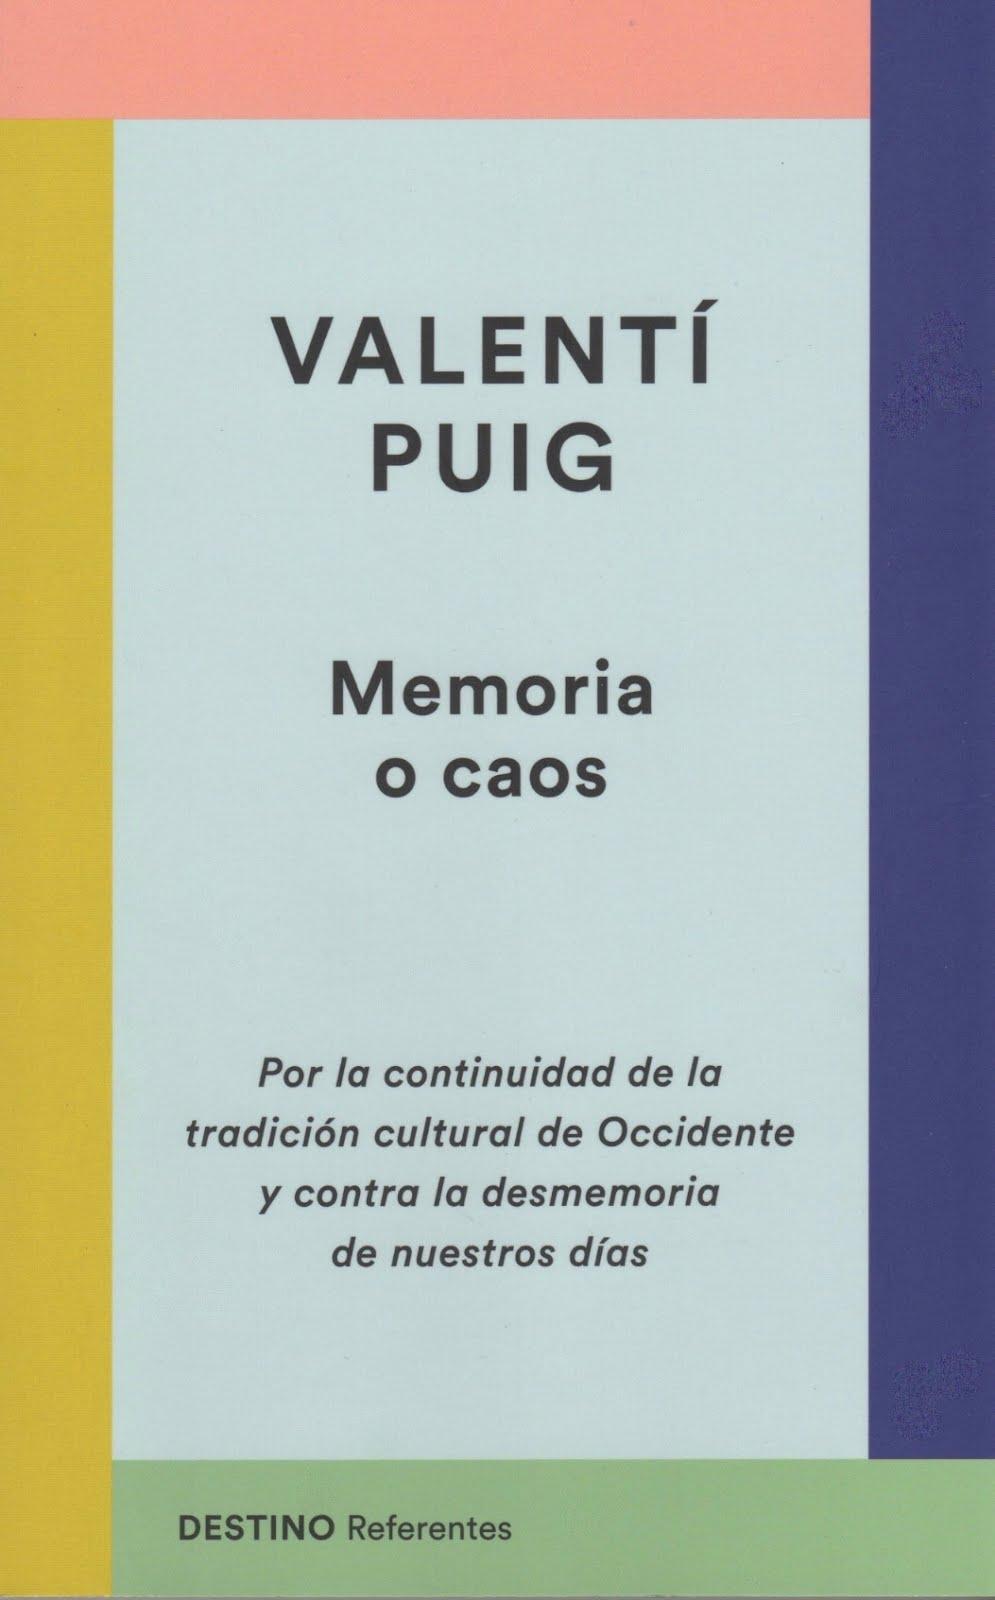 Valentí Puig ( Memoria o caos) Por la continuidad de la tradición cultural de Occidente y contra la